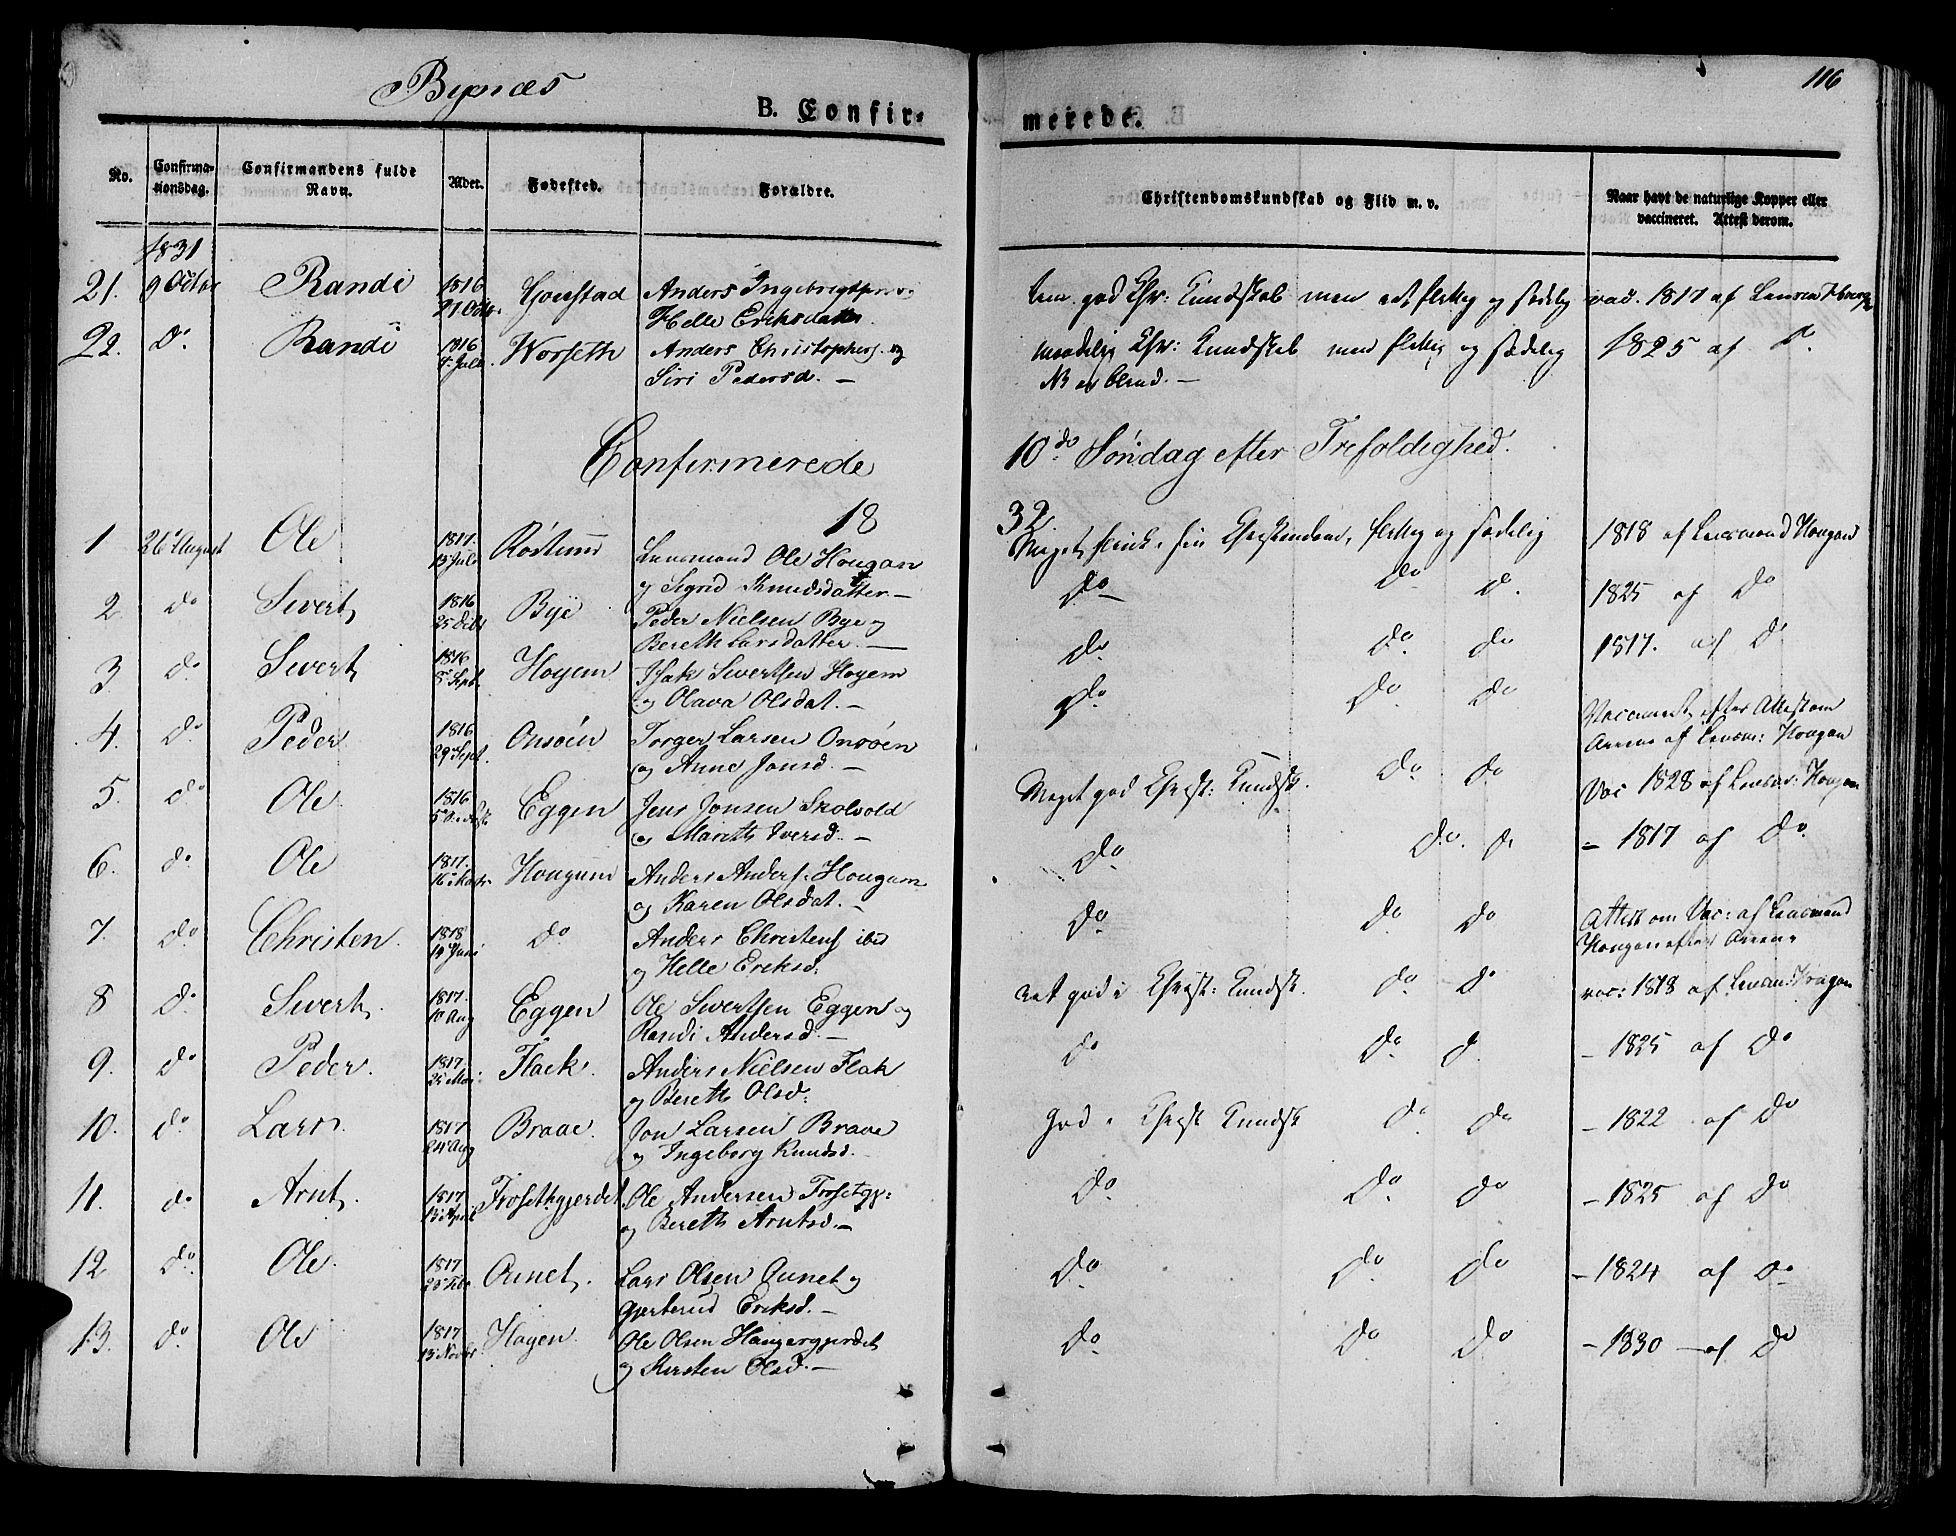 SAT, Ministerialprotokoller, klokkerbøker og fødselsregistre - Sør-Trøndelag, 612/L0374: Ministerialbok nr. 612A07 /1, 1829-1845, s. 116